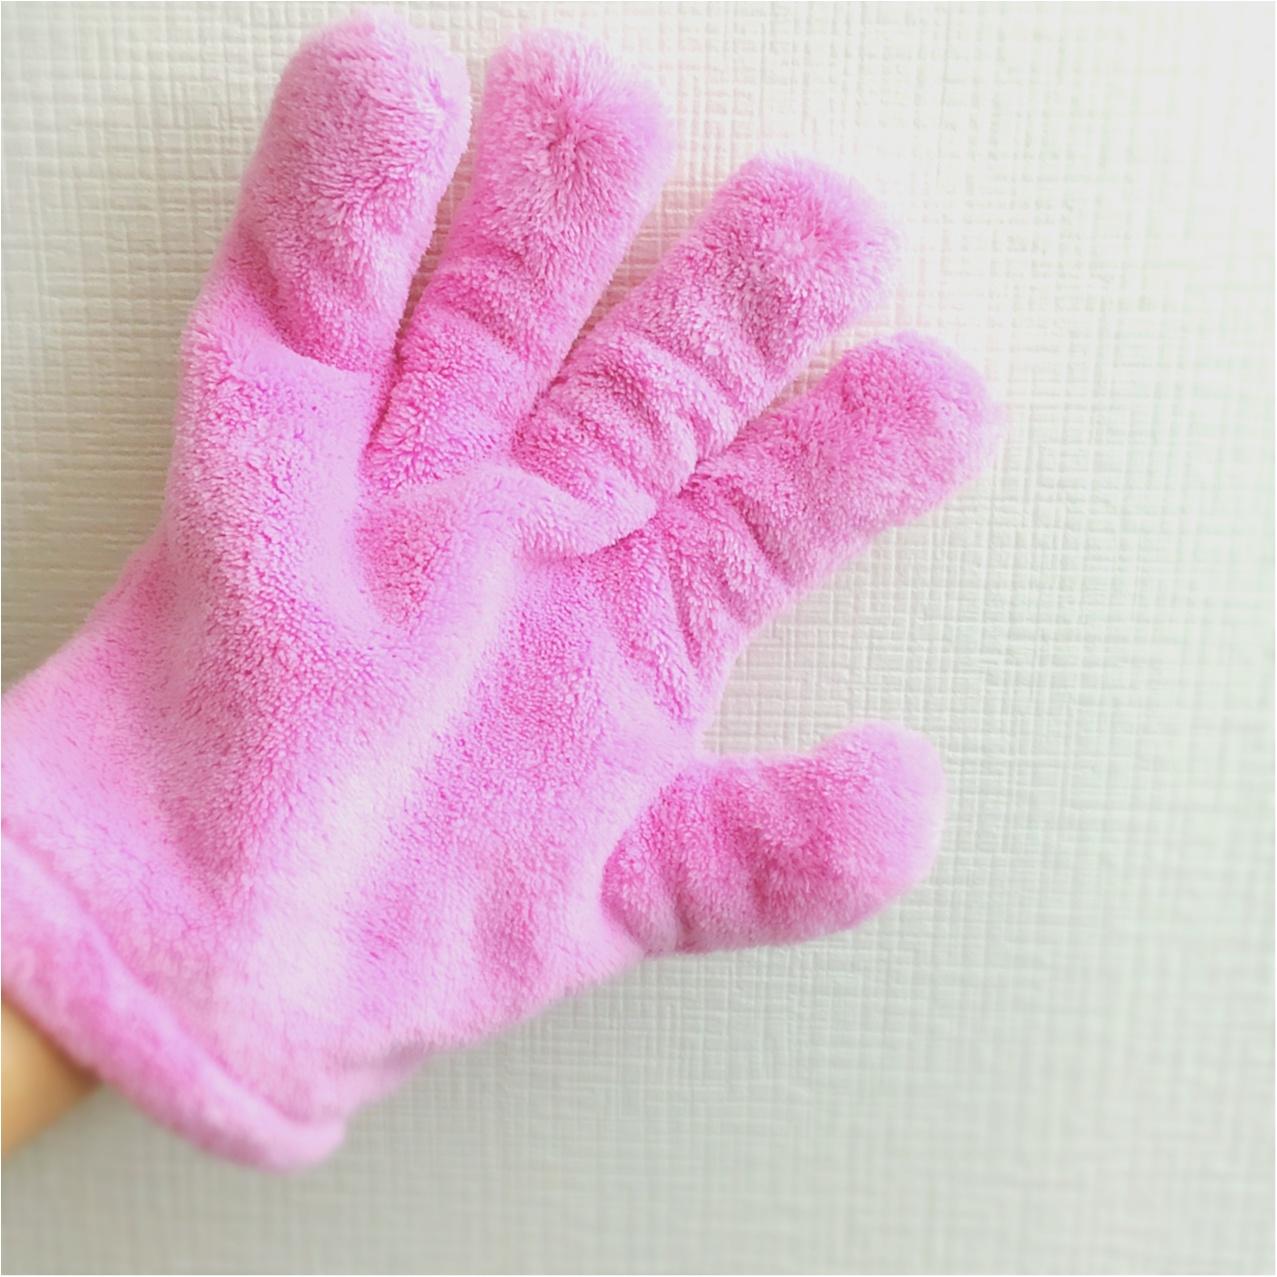 荒れ放題の手が生まれ変わった【ハンドケア術】!この冬は乾燥しらずの《もちスベ手指》に❤️_6